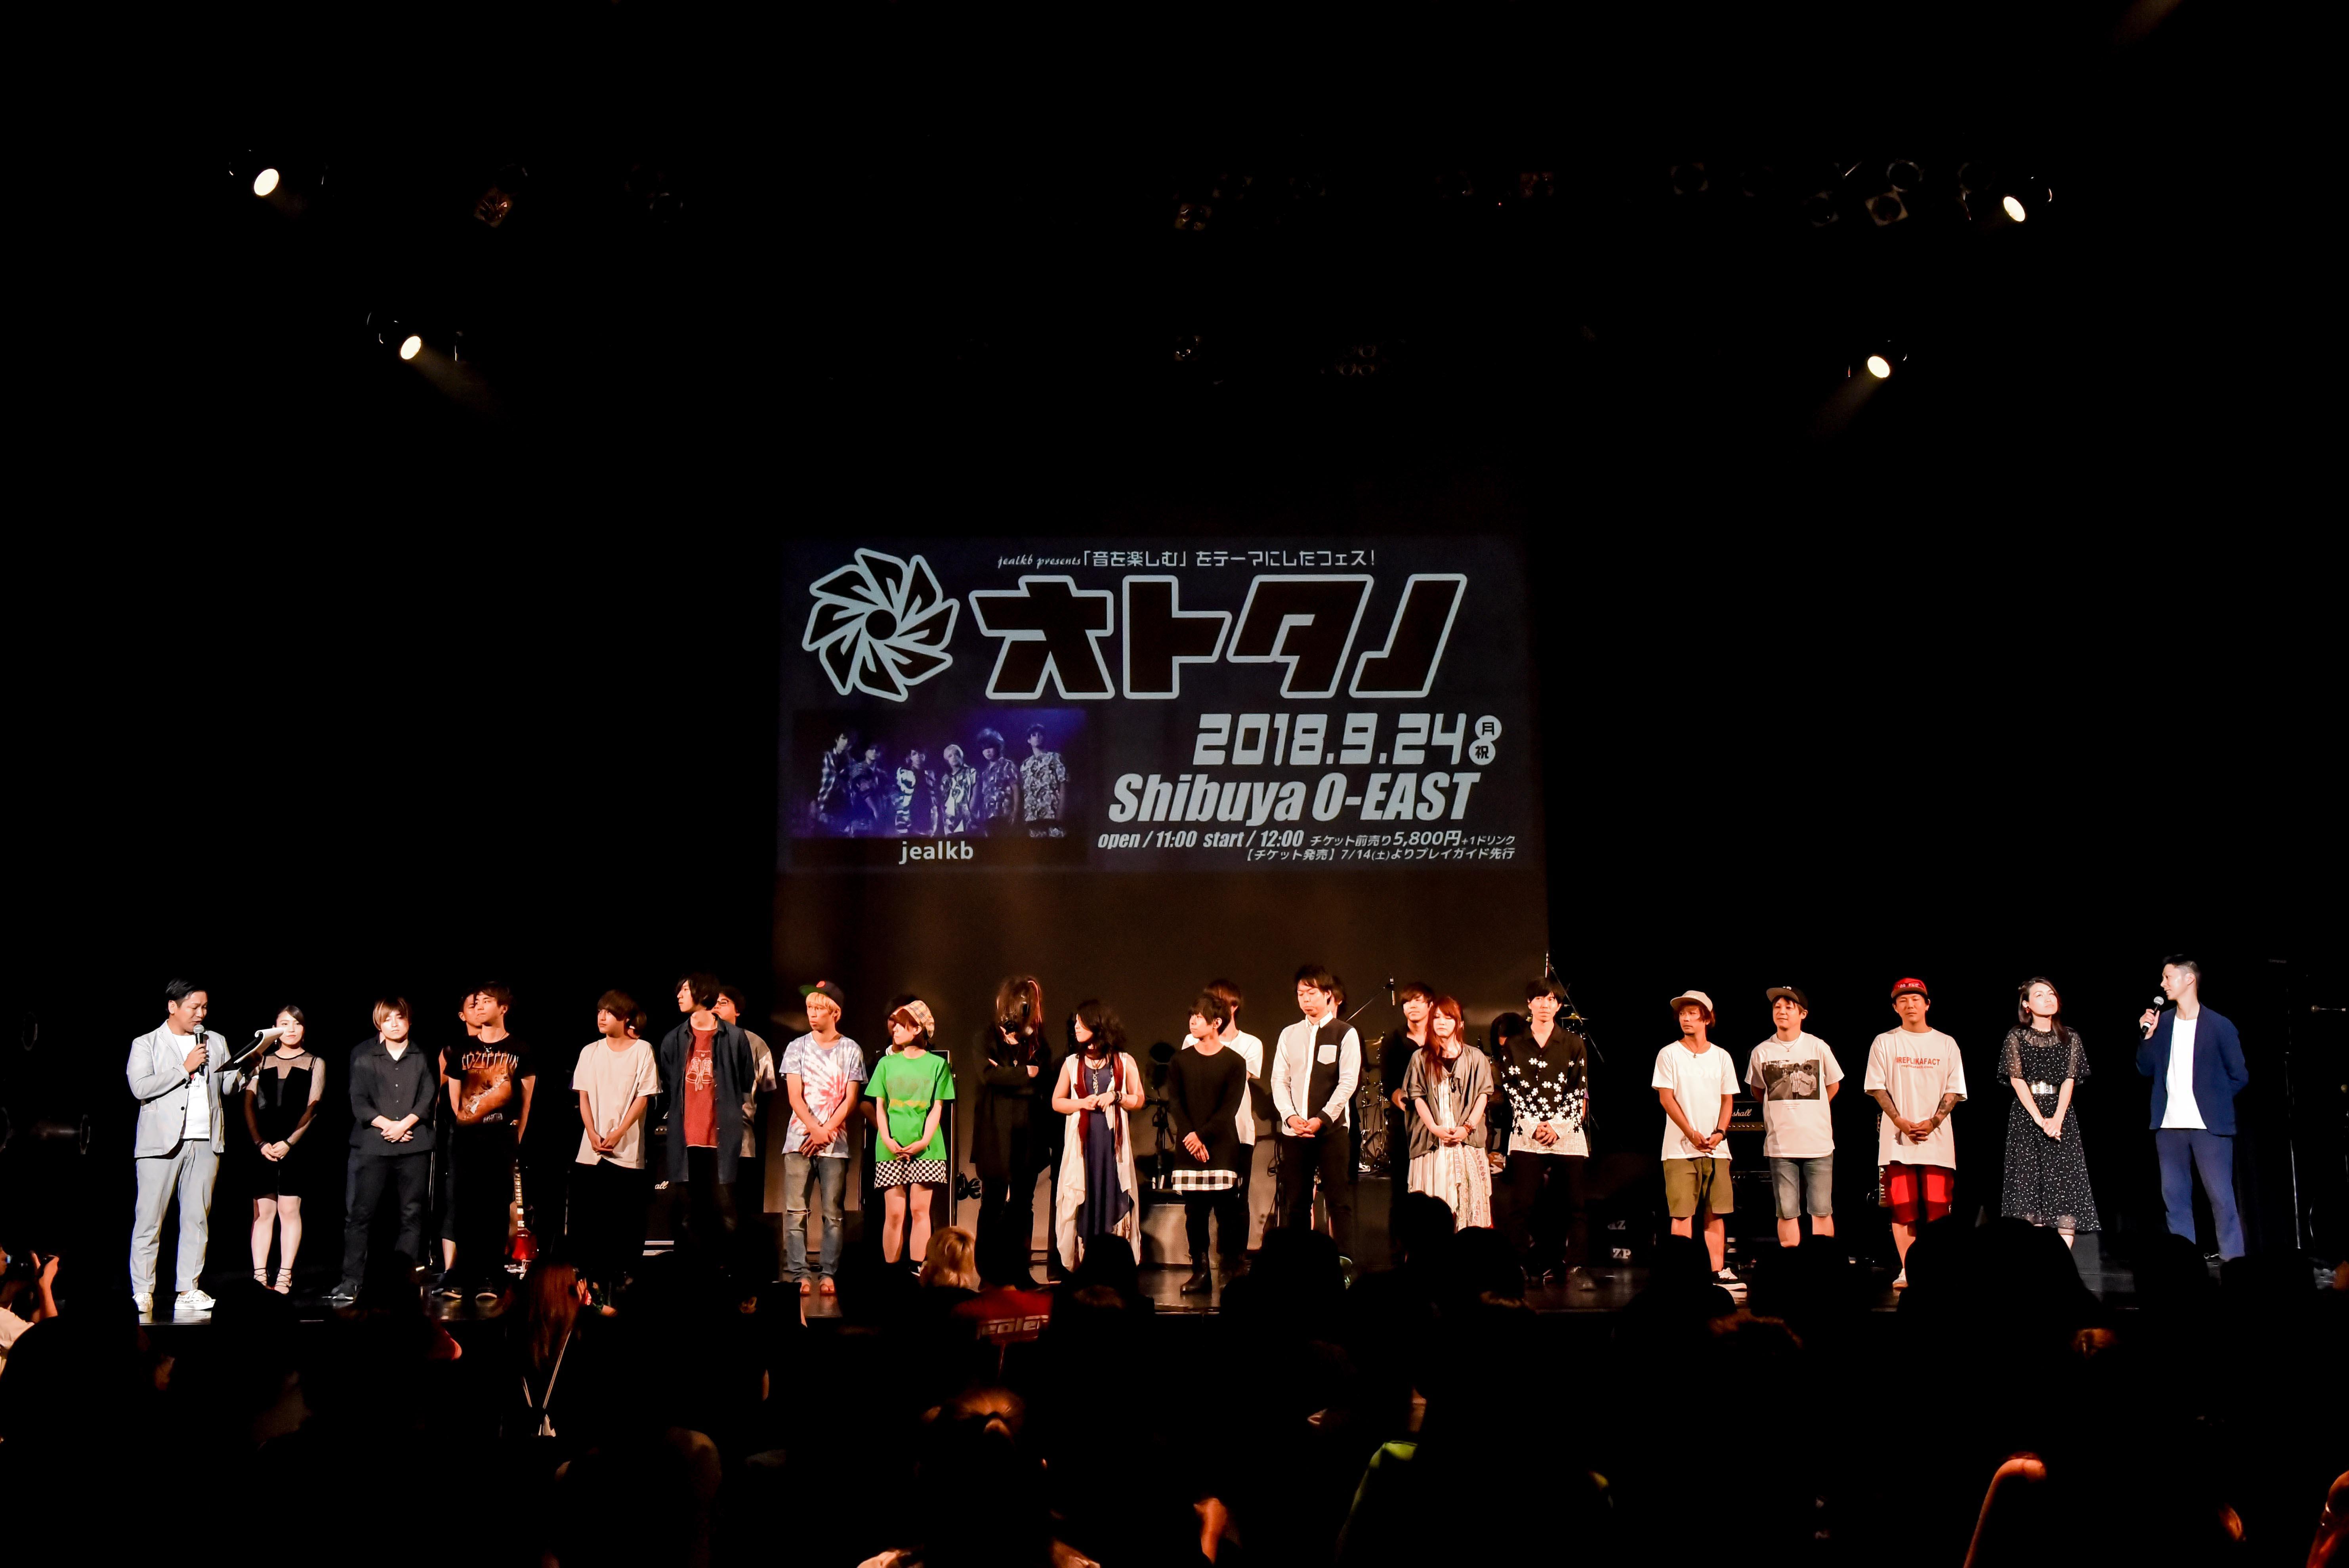 http://news.yoshimoto.co.jp/20180727234746-a07e8156a43fea3bda4909225ecd5a556490c7fd.jpg